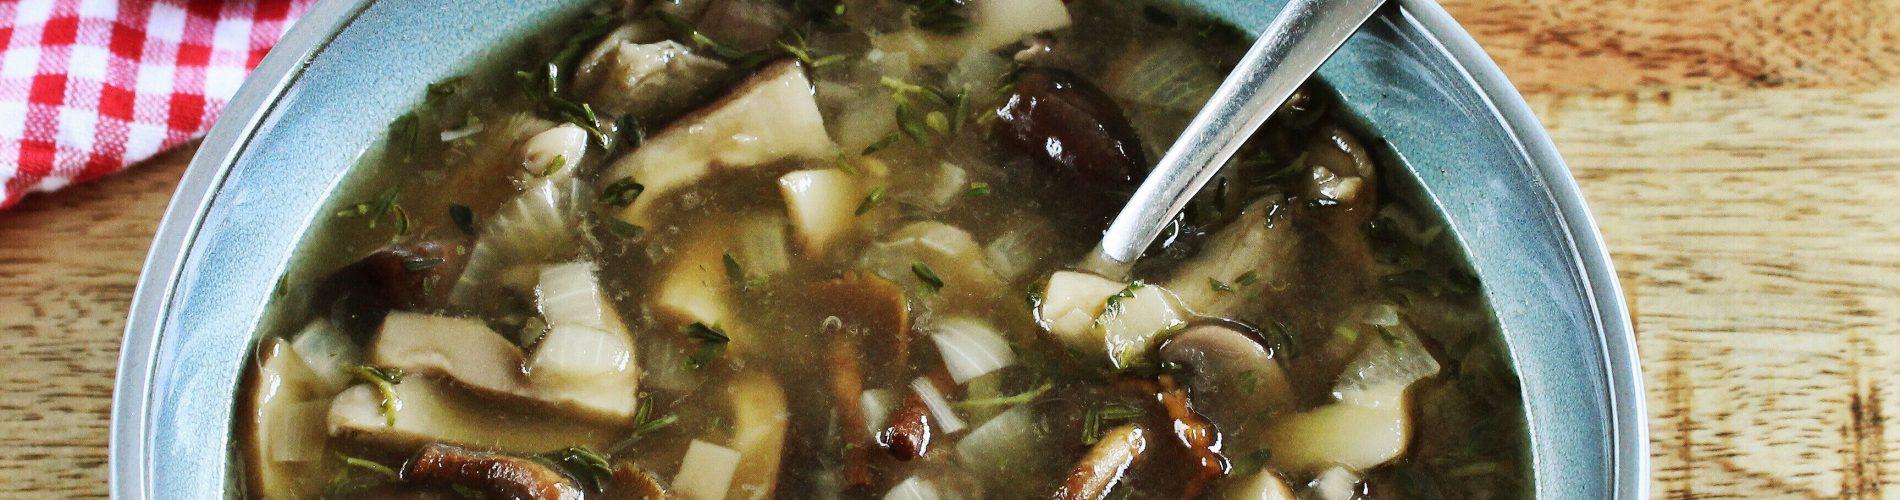 Soep | heldere paddenstoelen soep